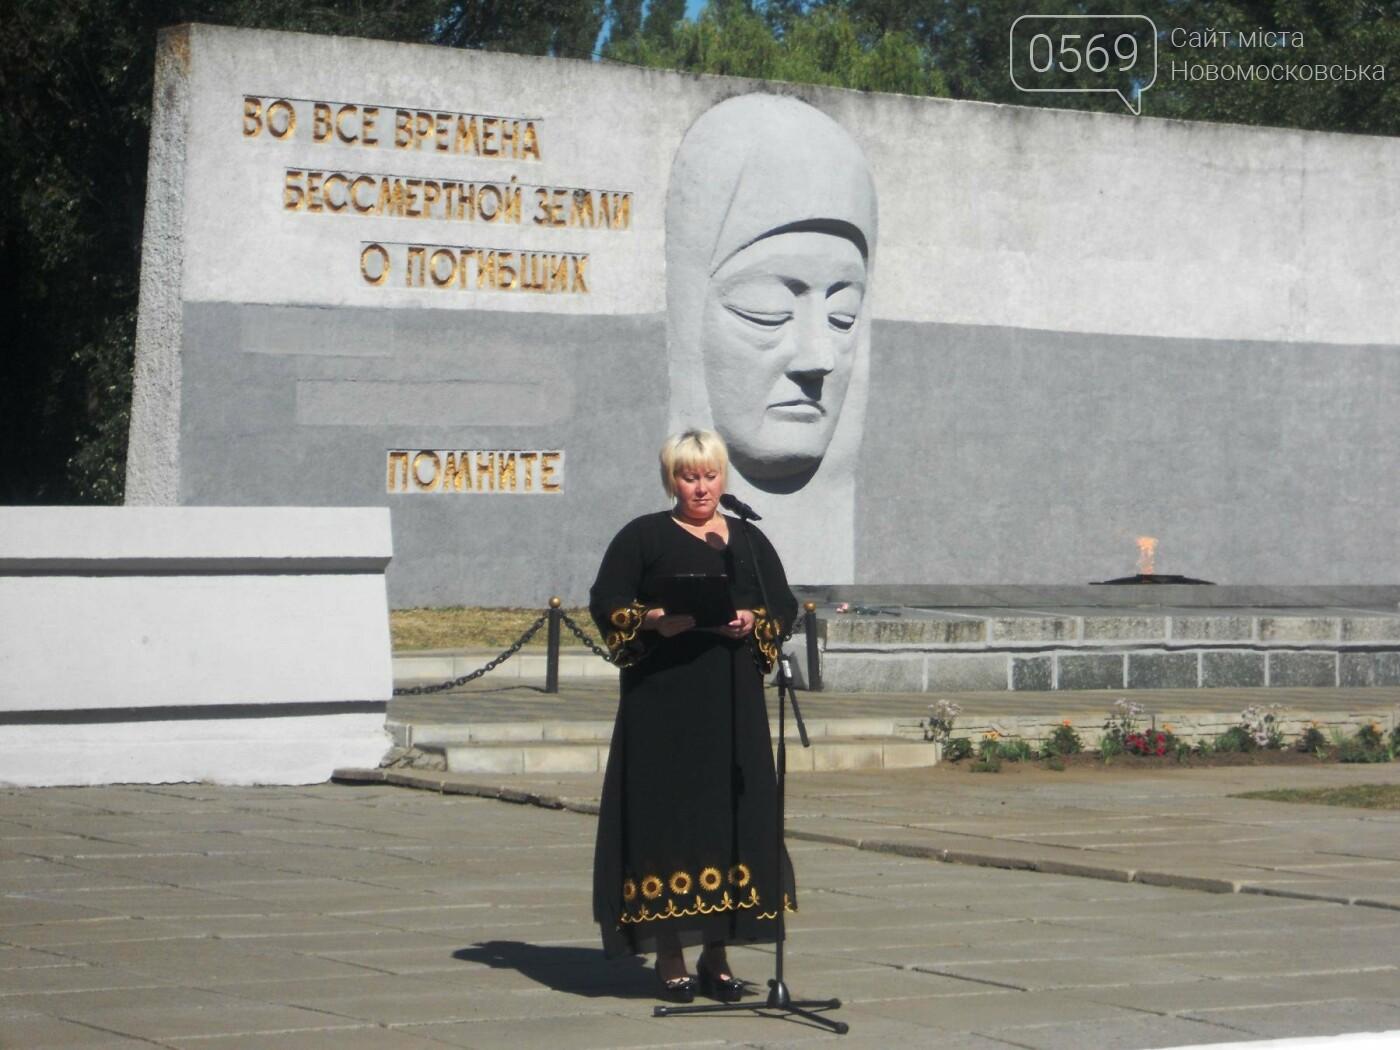 В Новомосковську вшанували пам'ять жертв Другої світової війни, фото-2